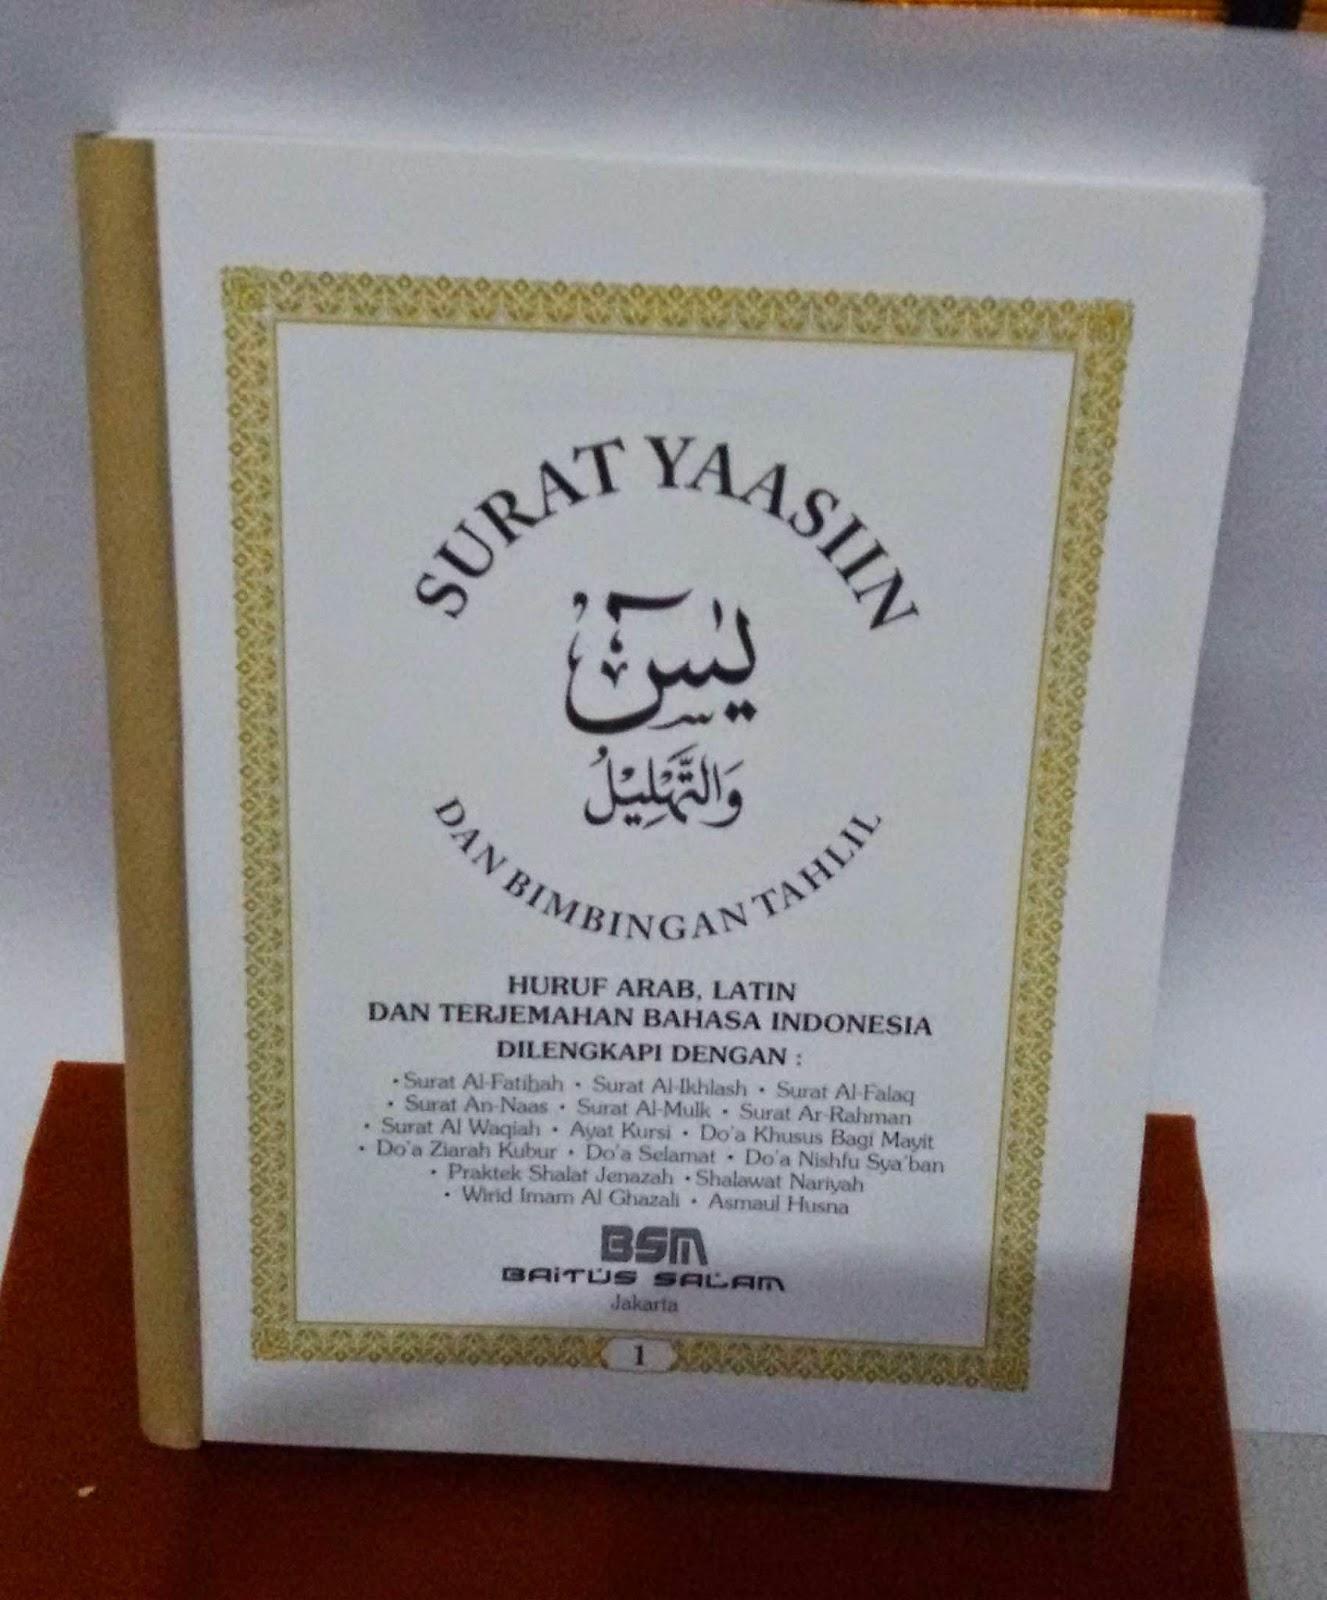 Dalam Lemari 1 Terdapat 4 Kemeja Batik: Cetak Buku Yasin, Cetak Yasin Majmu Syarif Murah